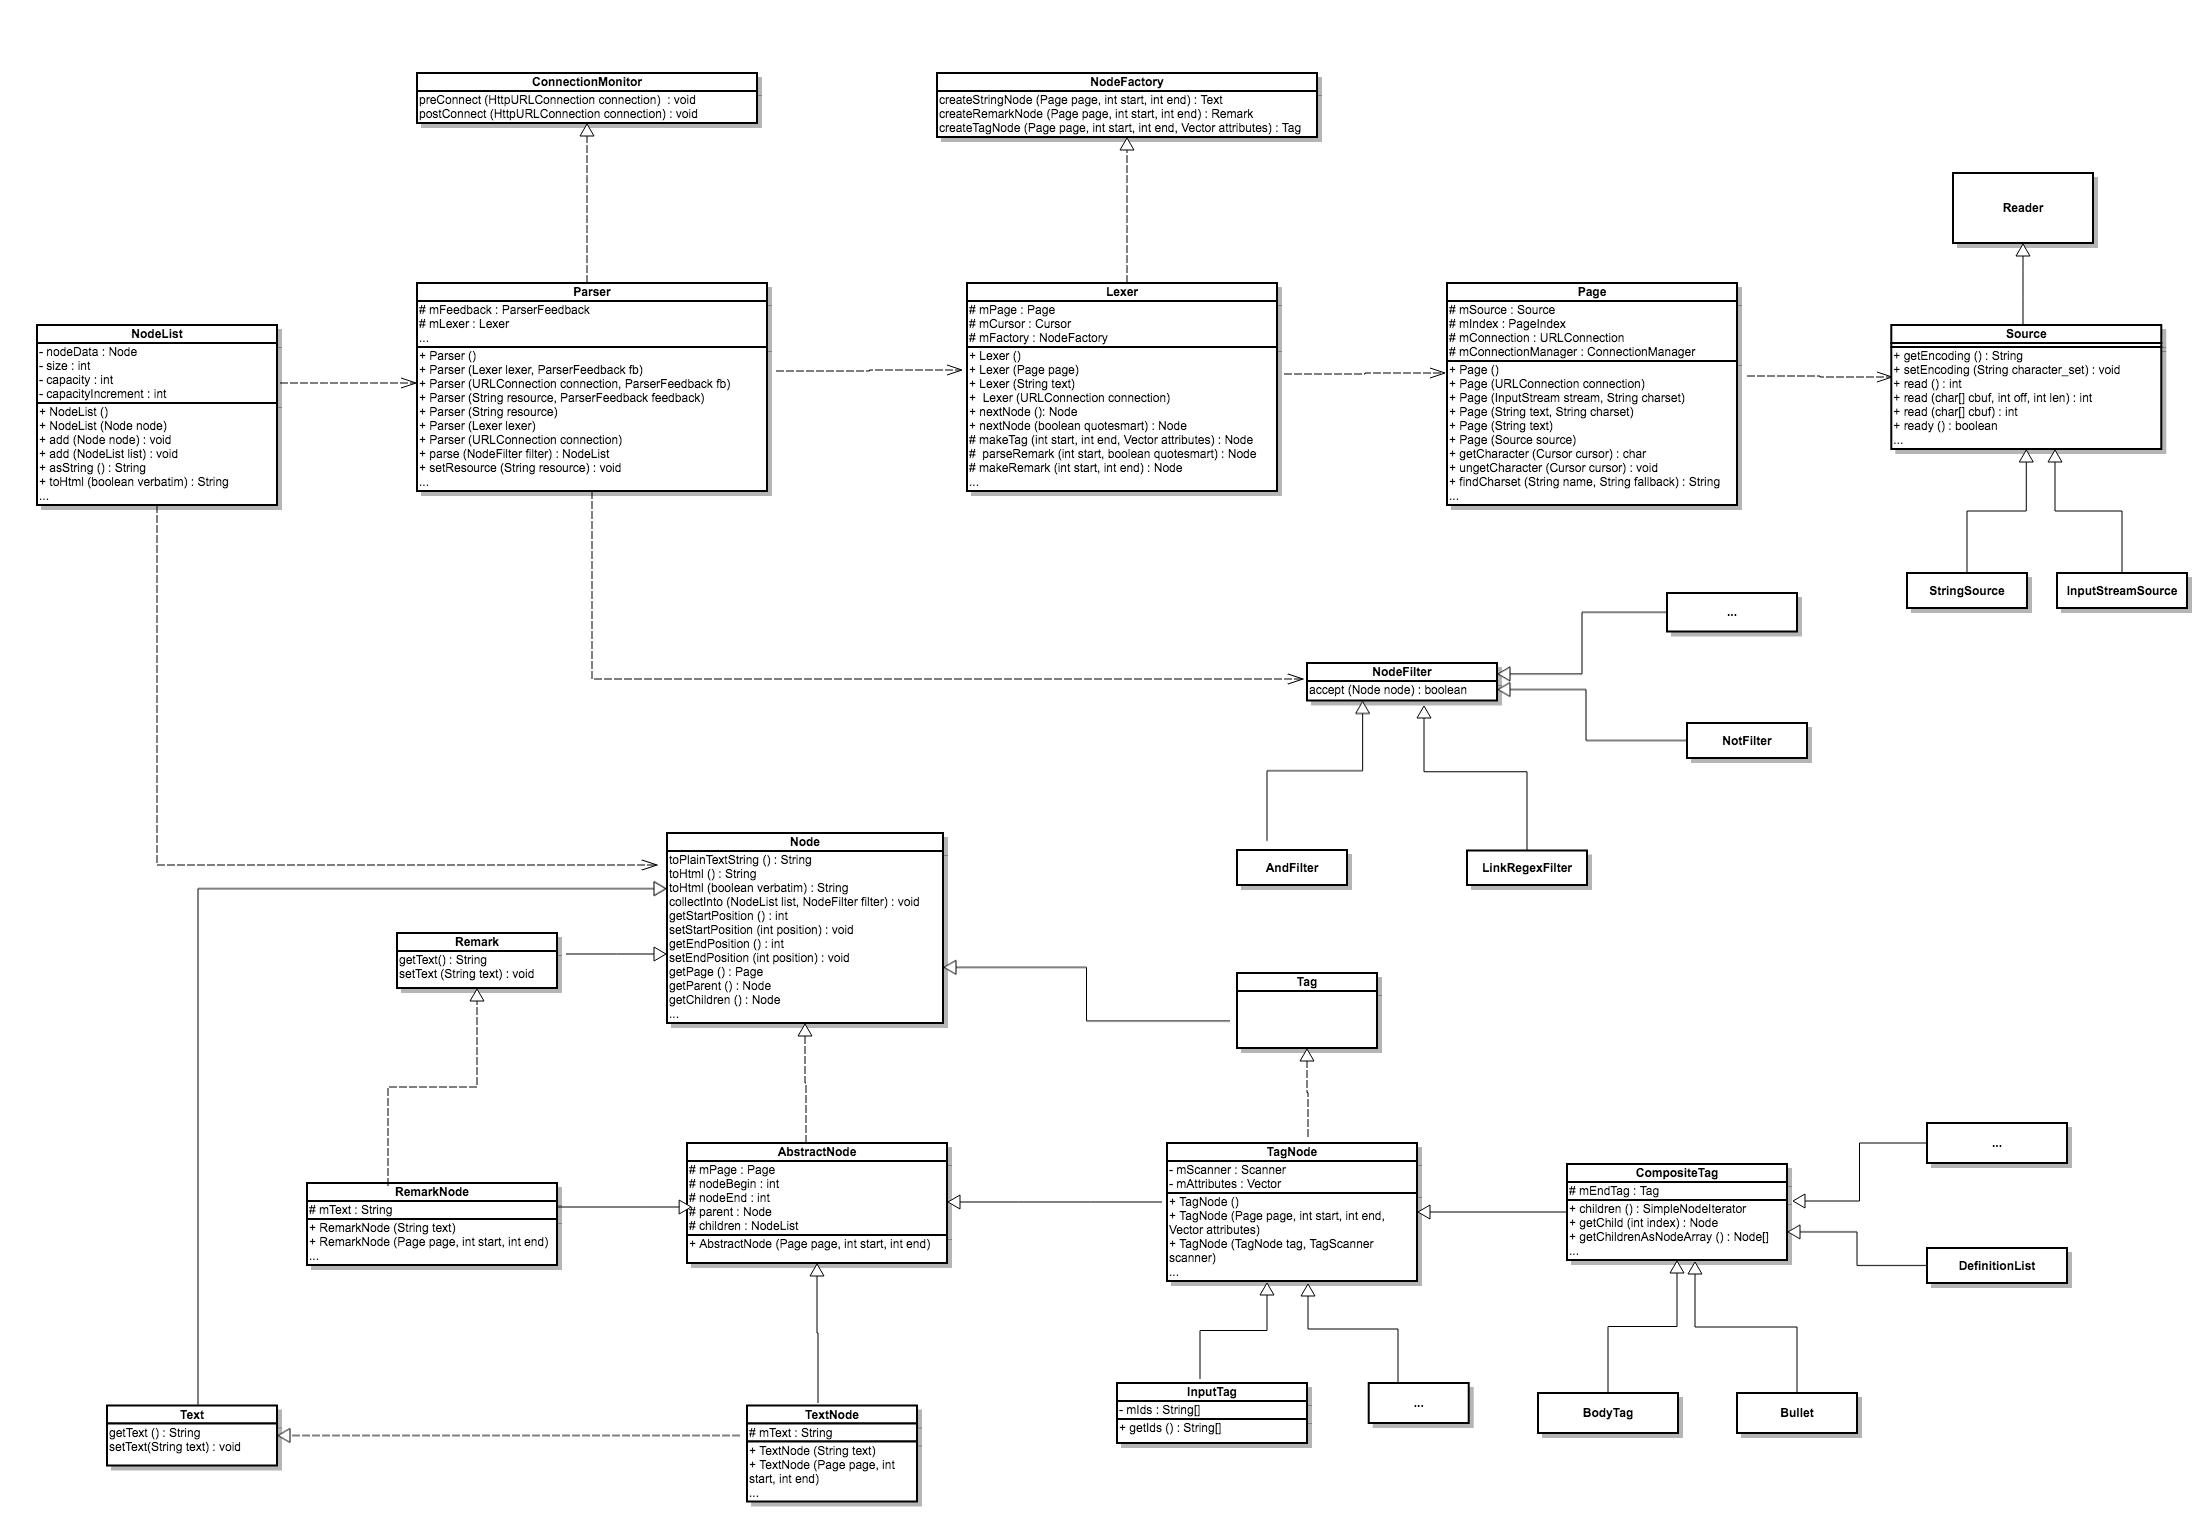 HTMLParser 源码解析(转载)